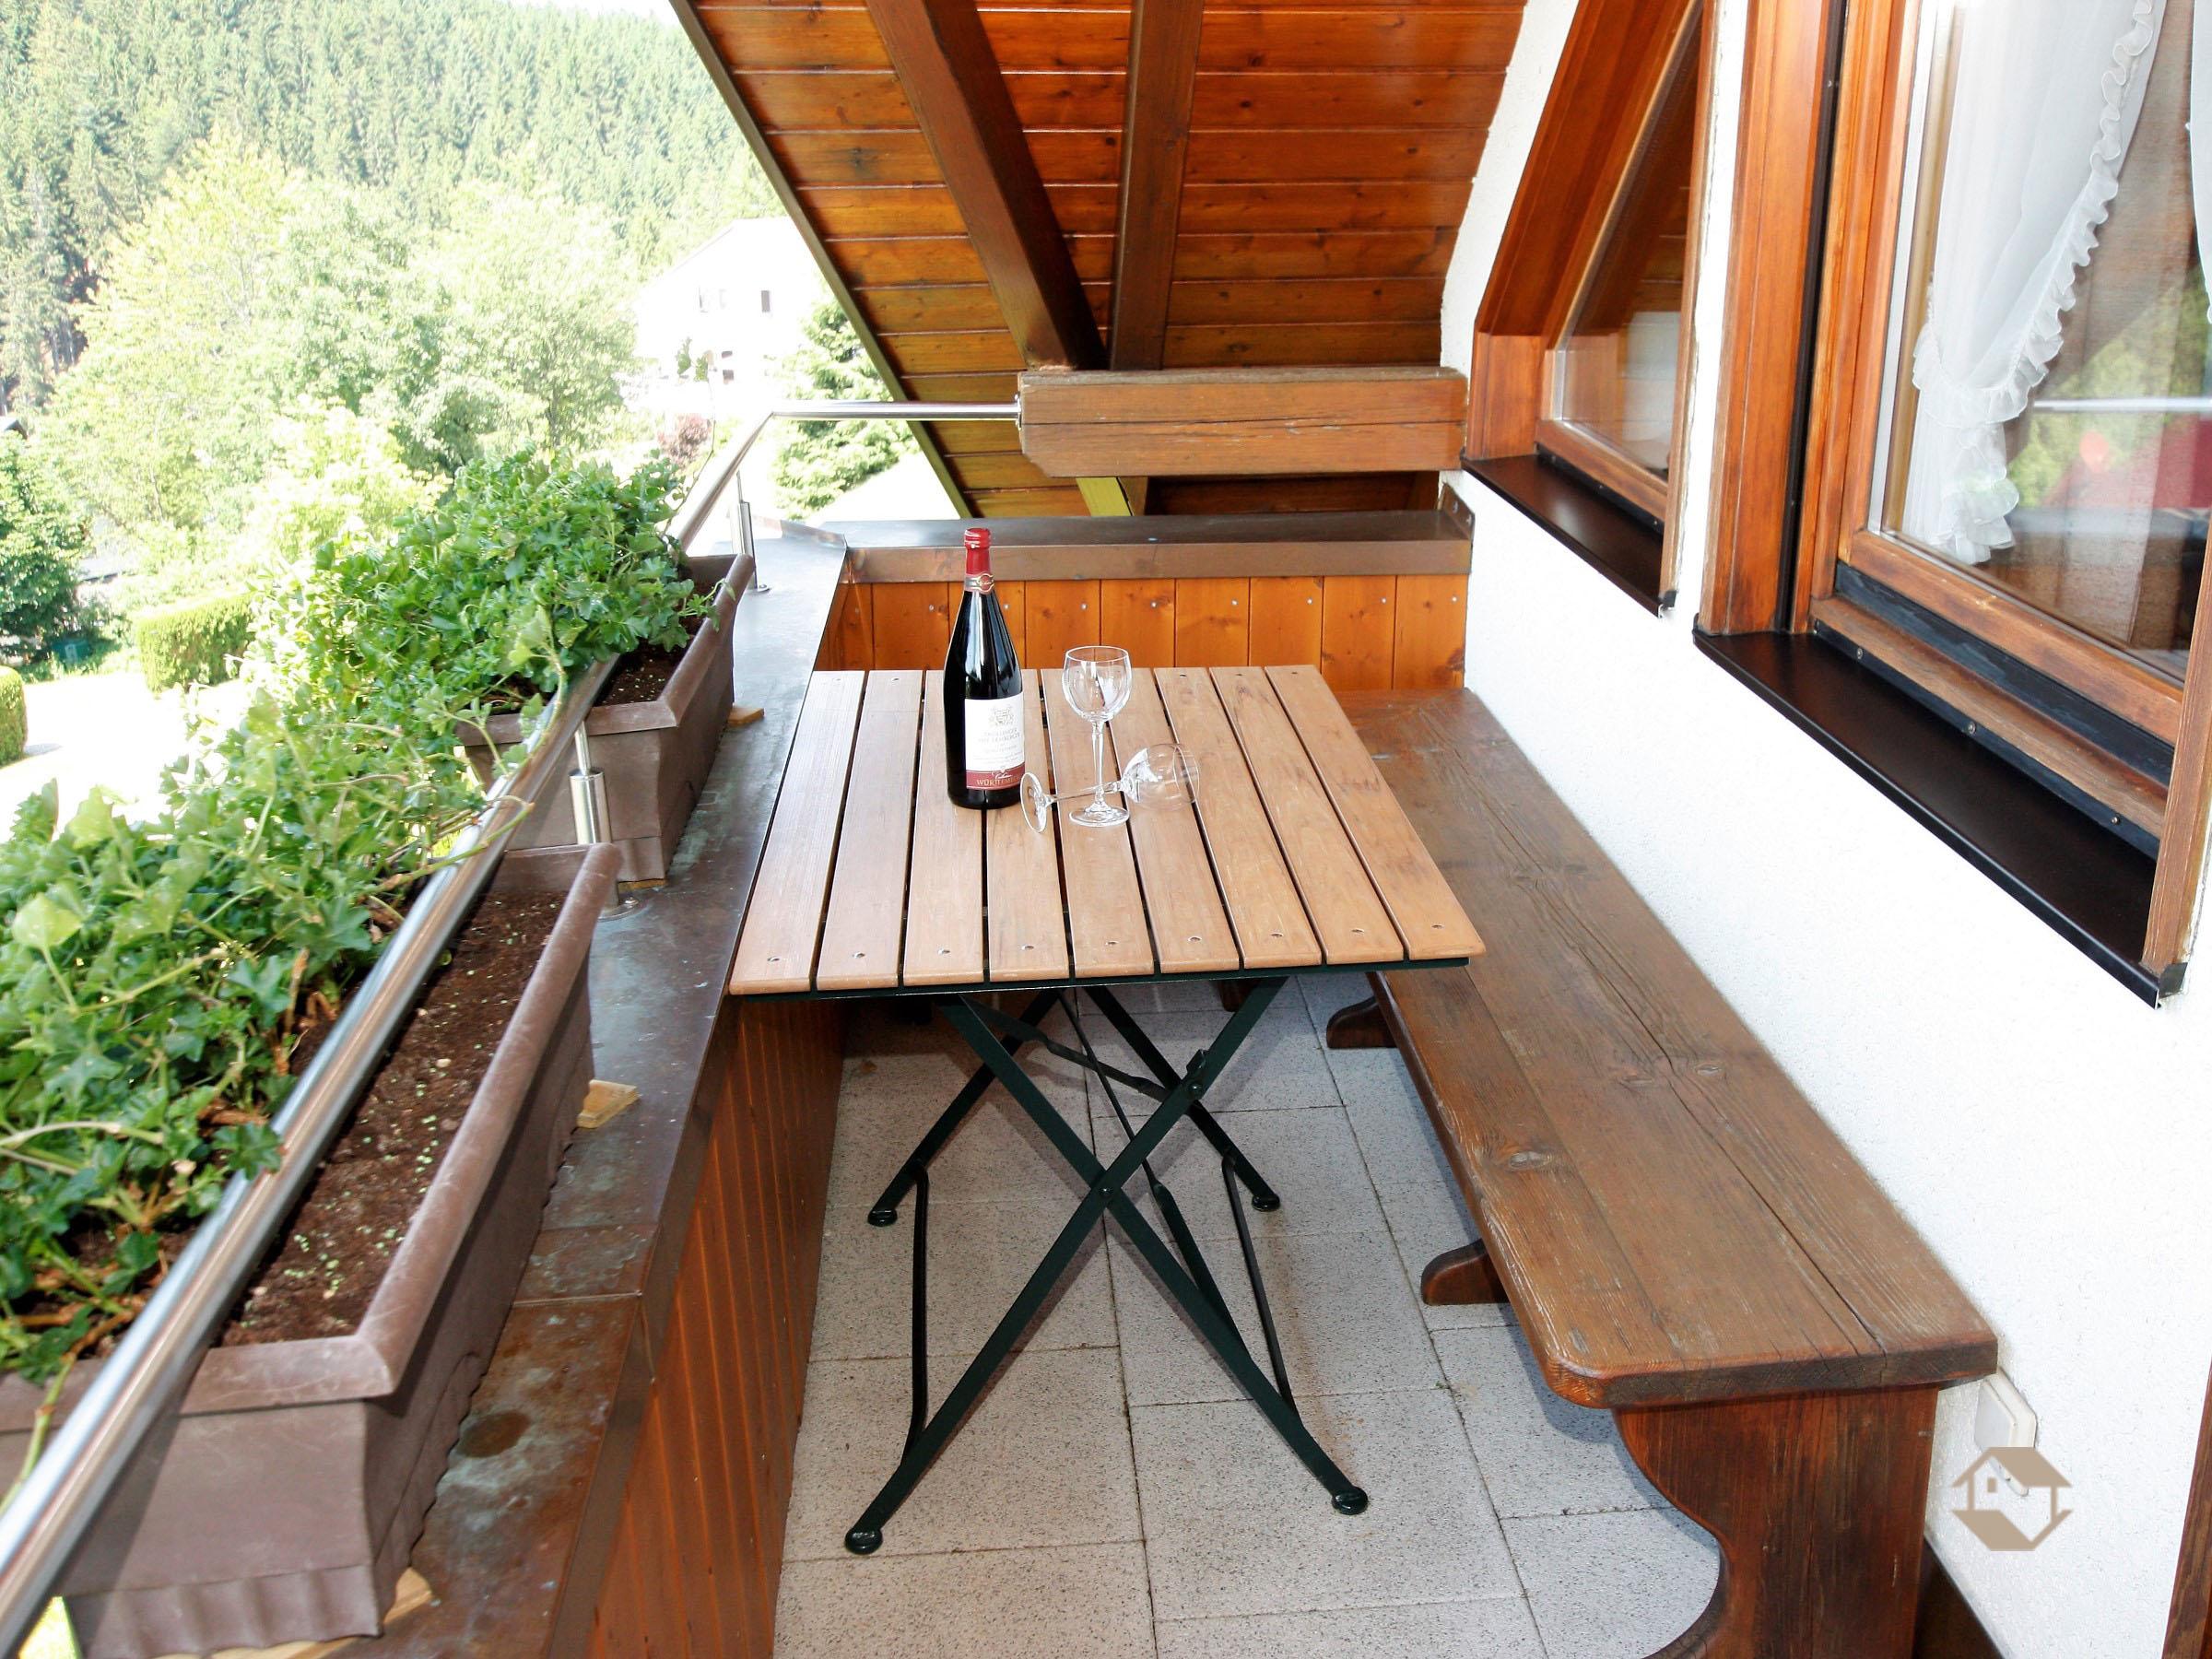 Ferienwohnung Haus Kandelblick, (Furtwangen). Ferienwohnung Feldbergblick, 70qm, 2 Schlafzimmer, 1 Wohn- (2717401), Furtwangen, Schwarzwald, Baden-Württemberg, Deutschland, Bild 30